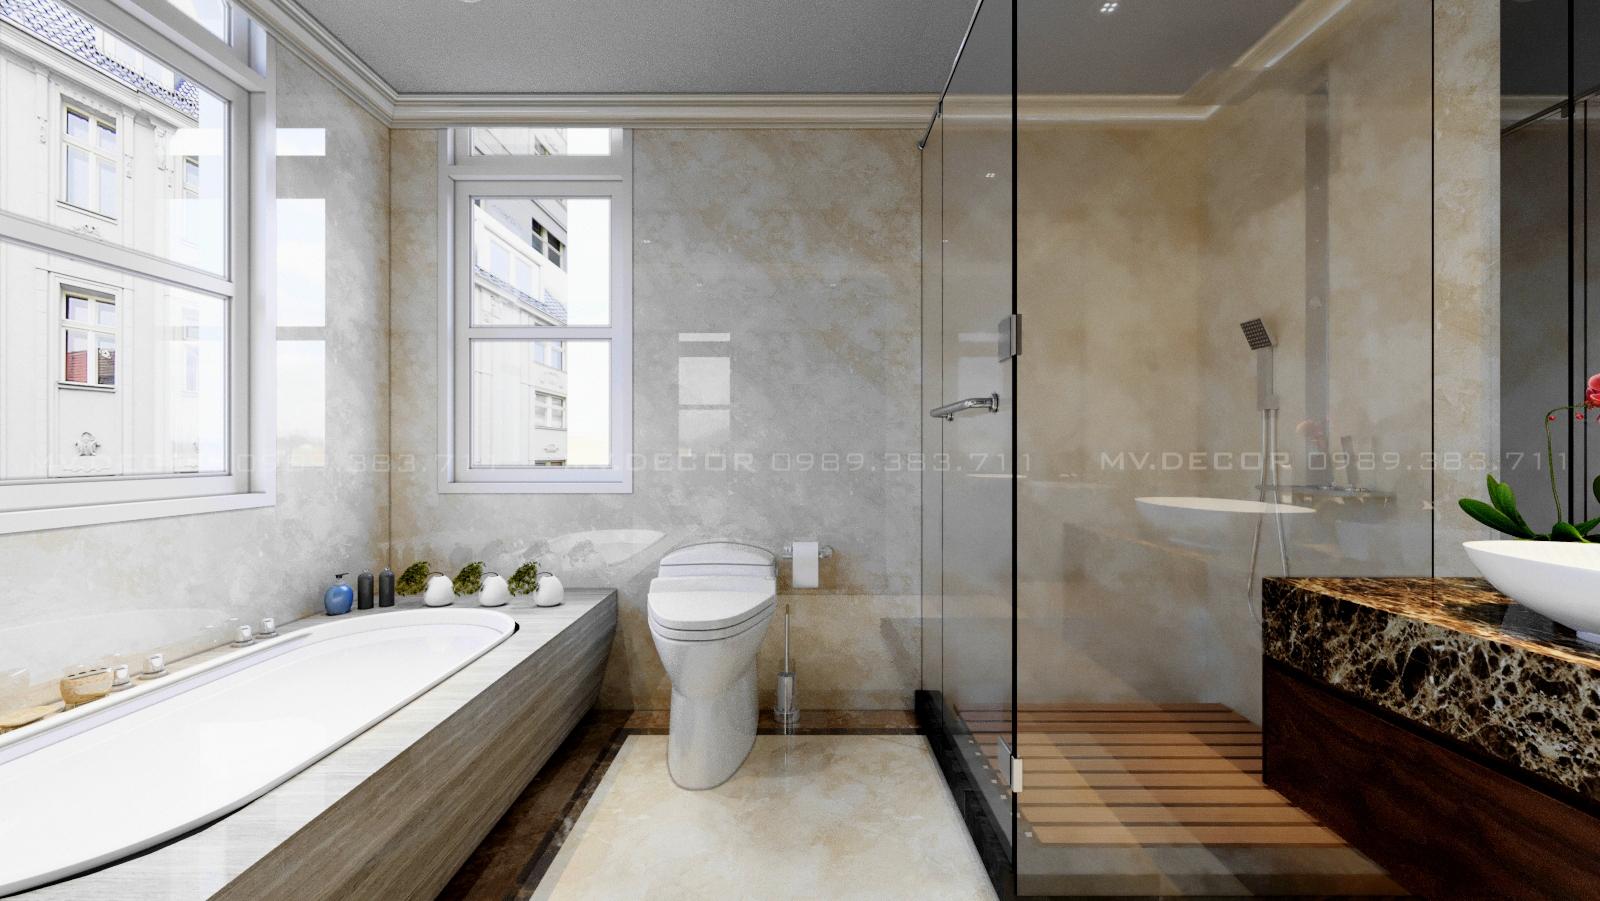 thiết kế nội thất Biệt Thự tại Hải Phòng BT VINHOME HẢI PHÒNG 26 1562719454